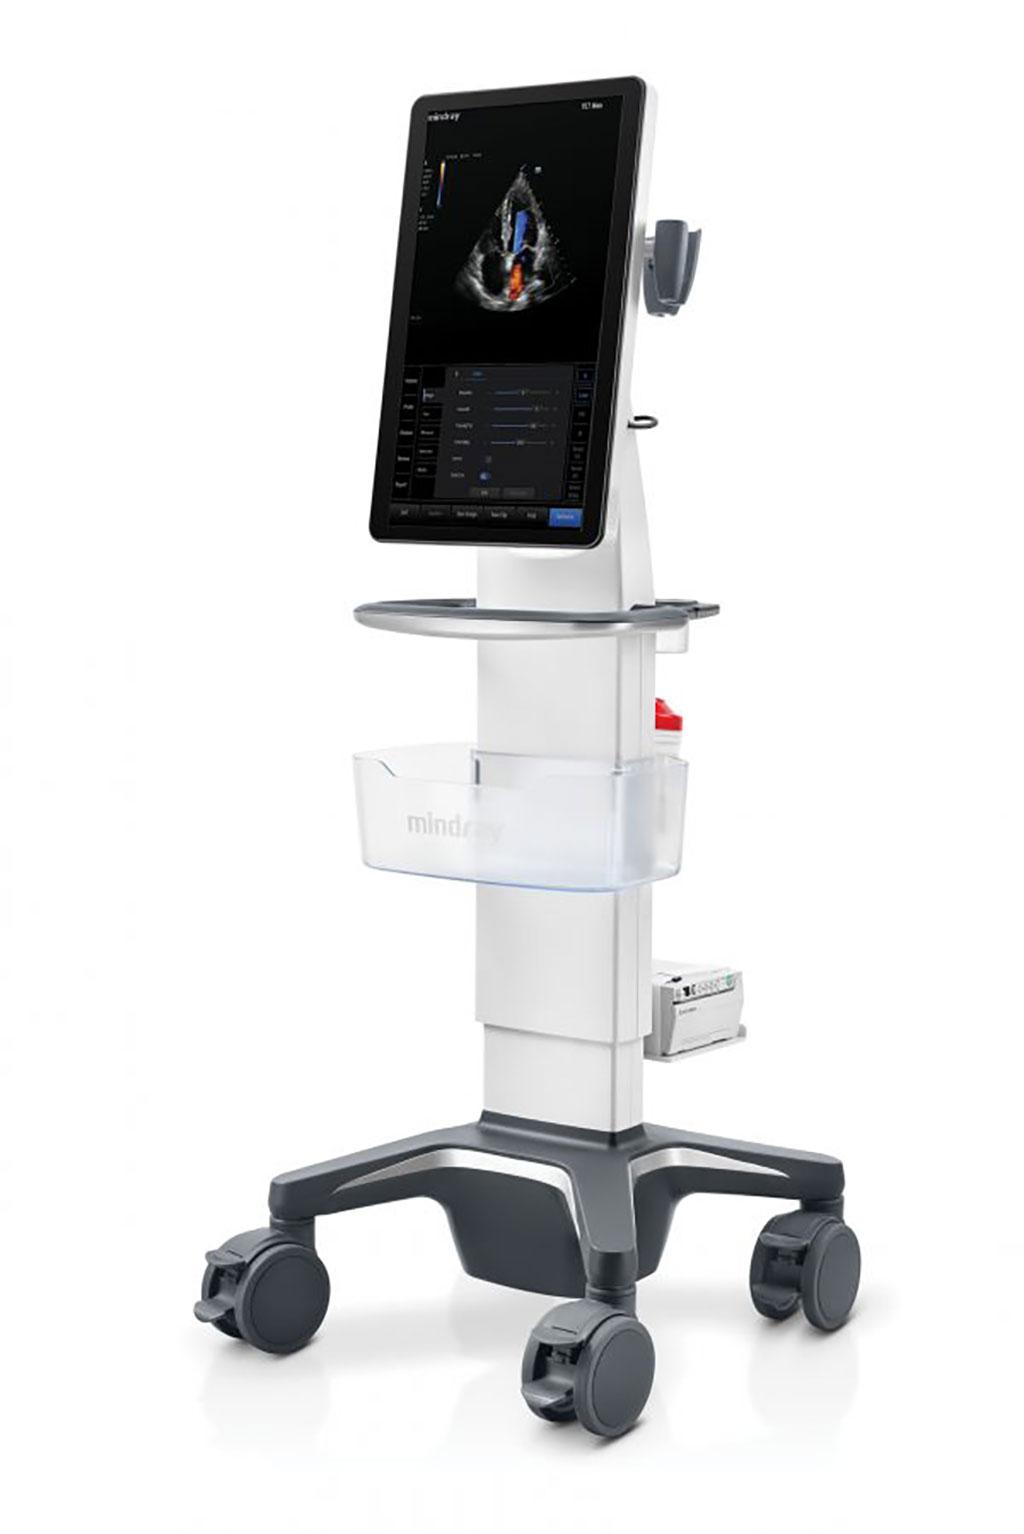 Image: Mindray TE7 Max Ultrasound System (Photo courtesy of Mindray)